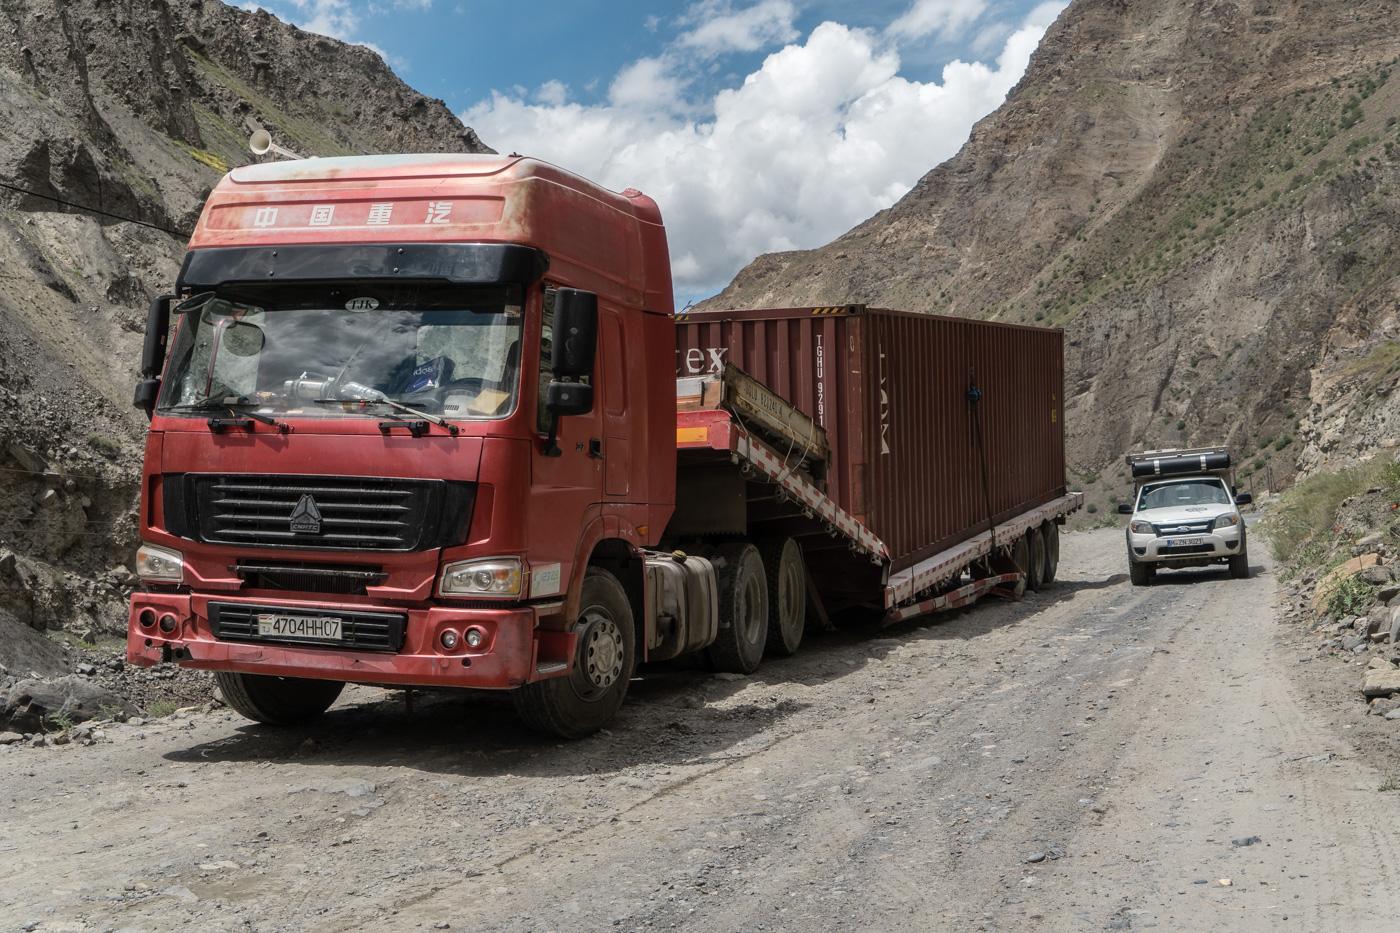 Abenteuer Pamir Highway - Die Schlaglöcher fordern Tribut: zerbrochener Anhänger eines tadschikischen LKW, Foto © Roland Häberli.